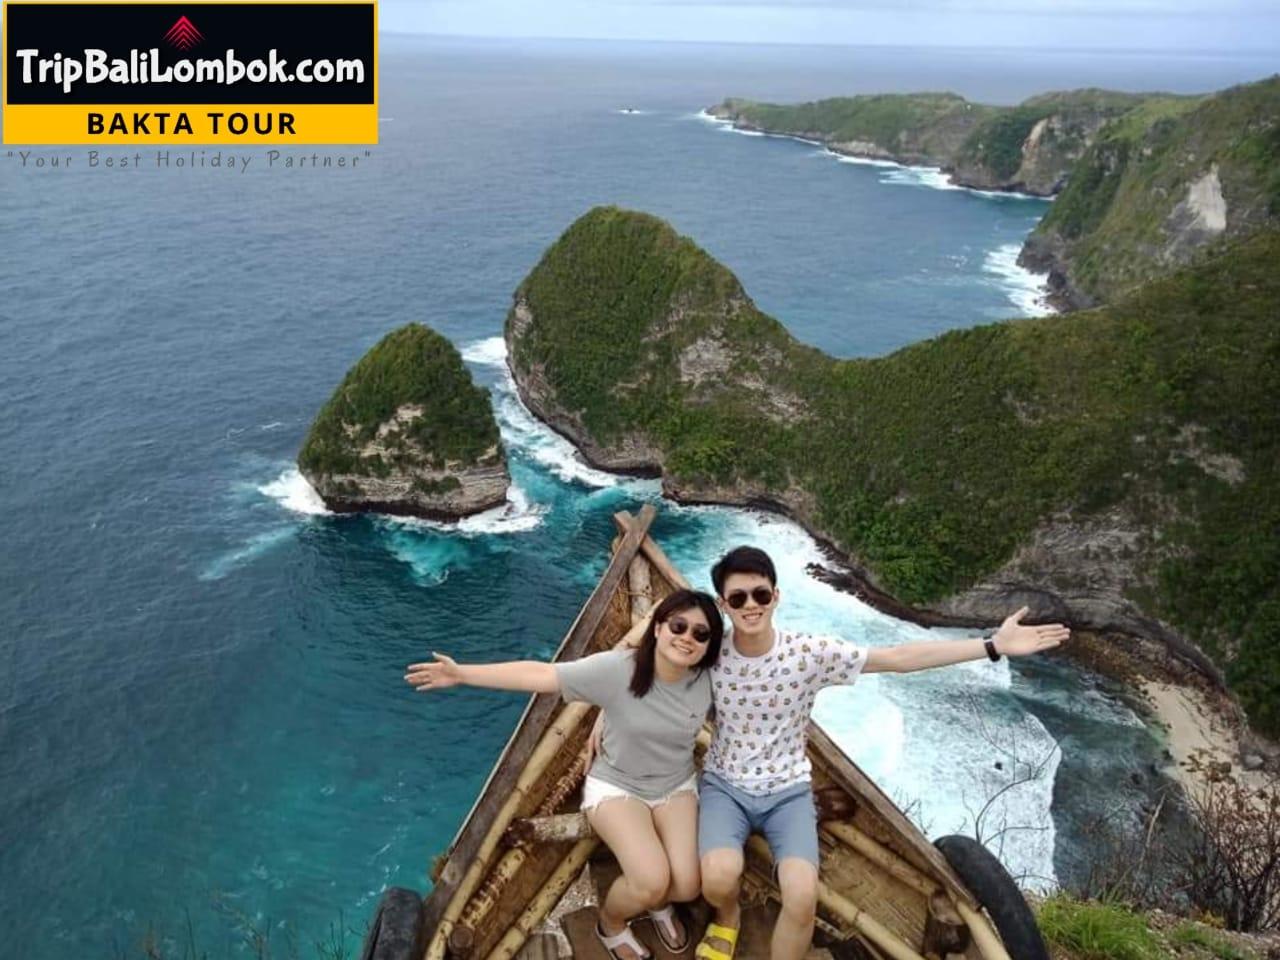 Paket Tour Bali Nusa Penida 3 Hari